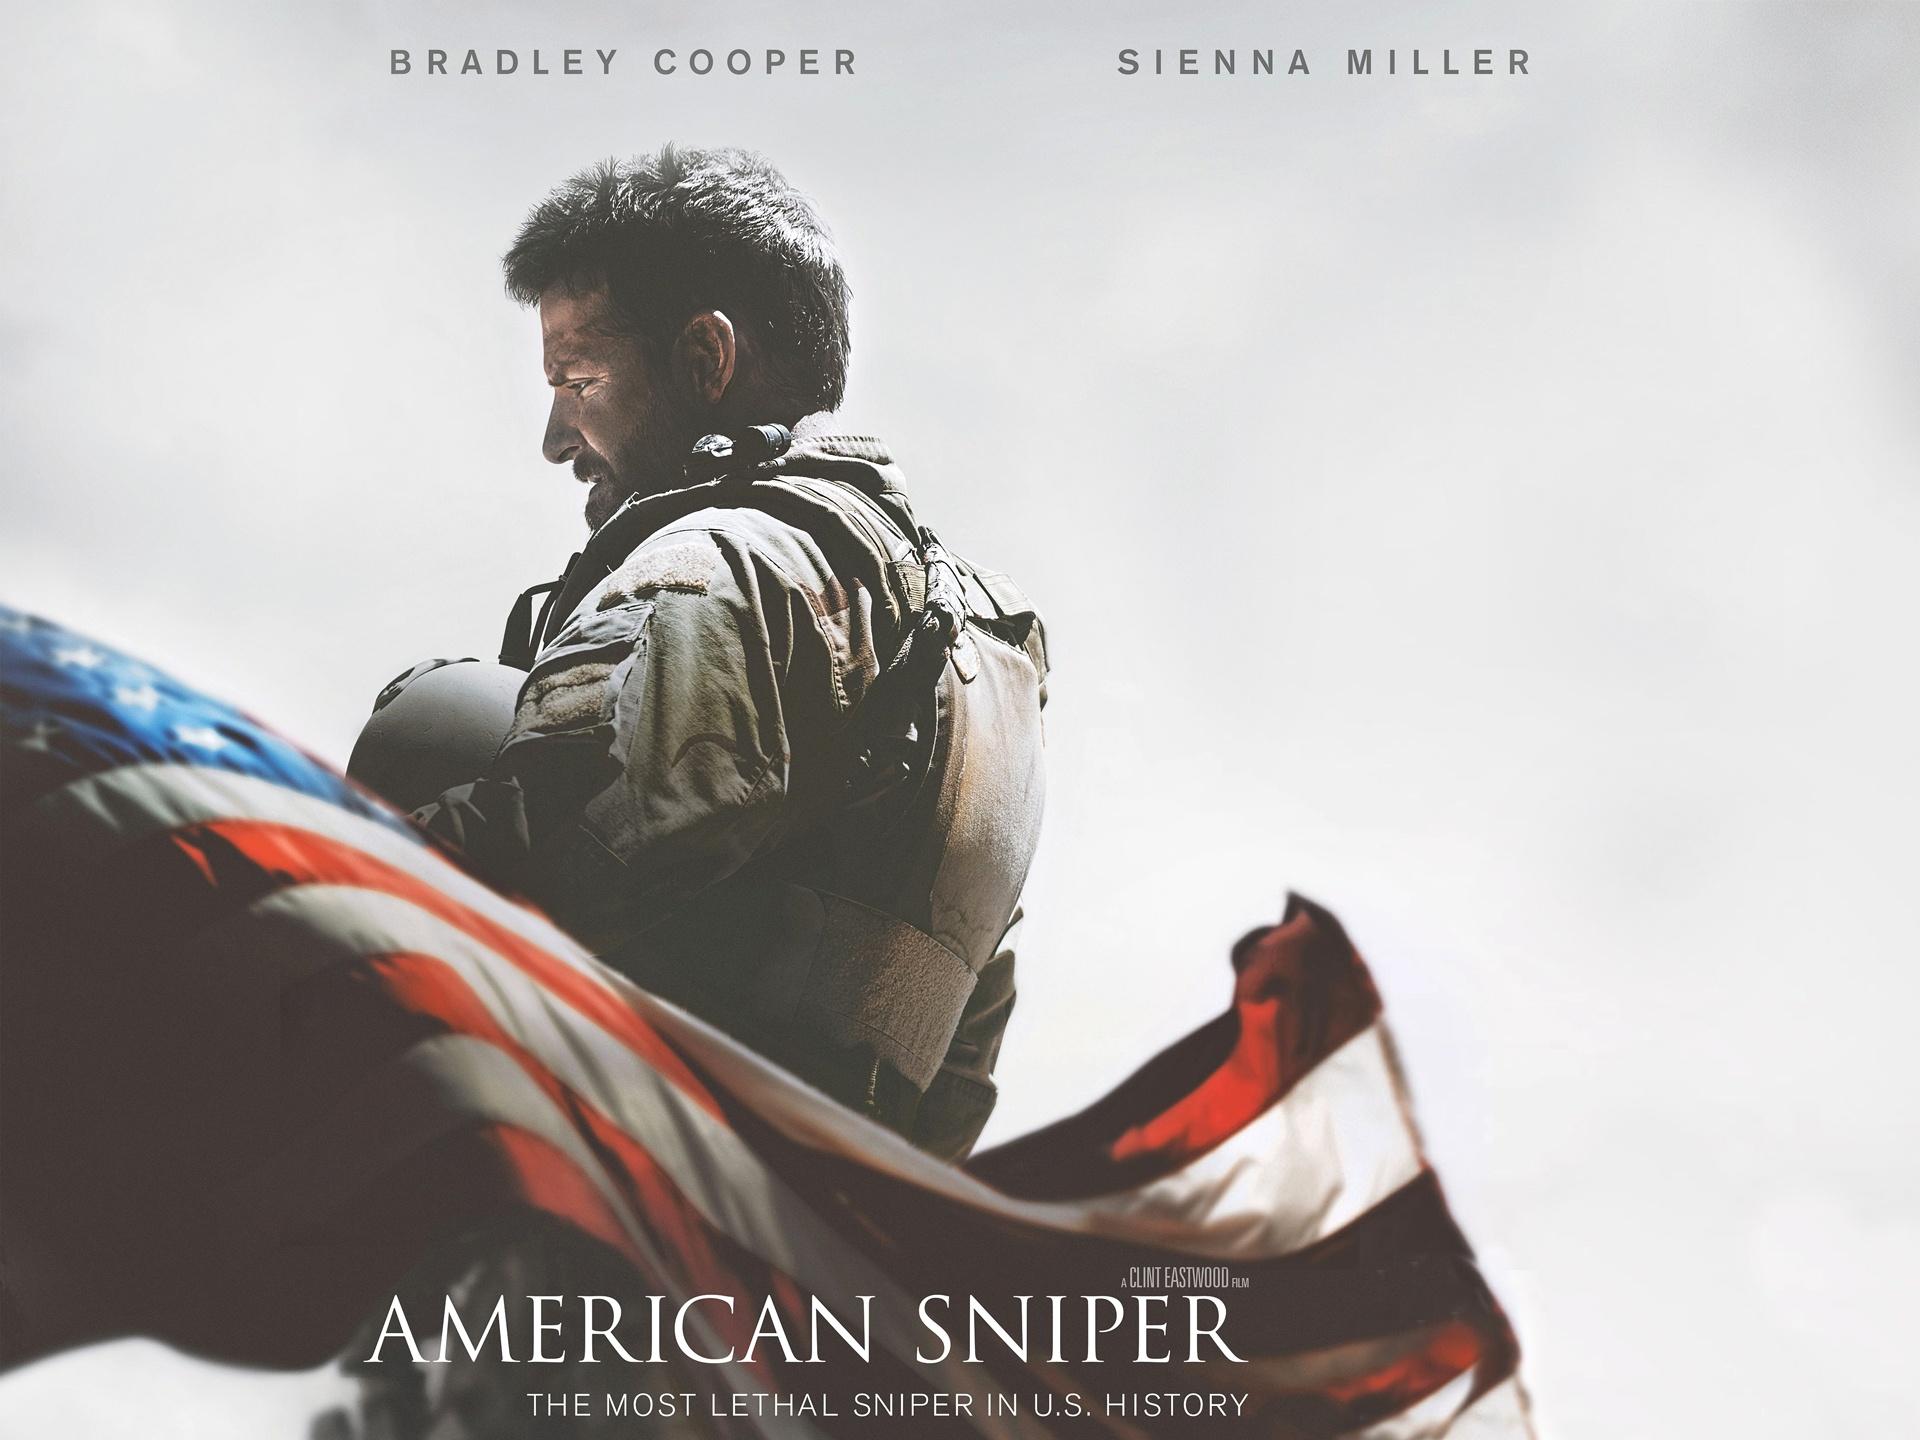 American Sniper #preOscars